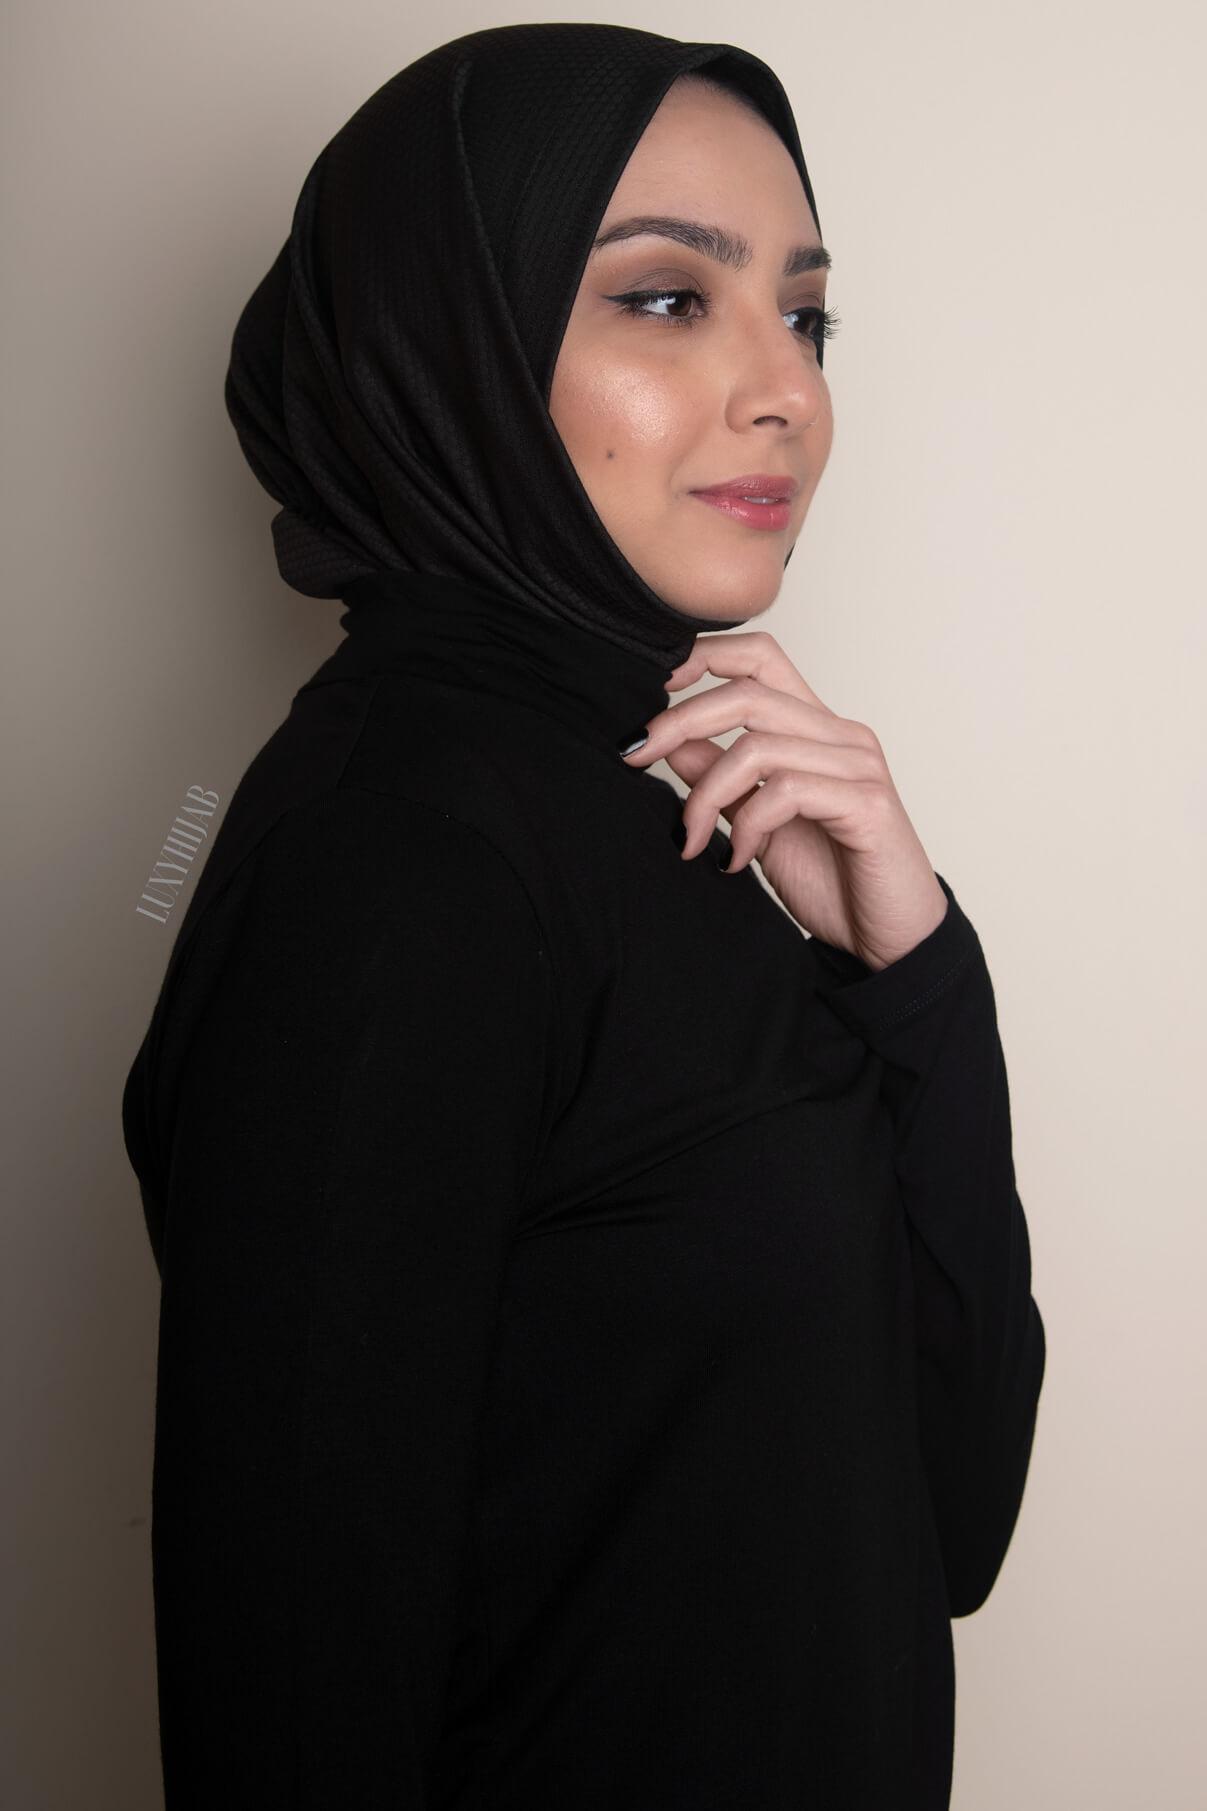 sport hijab model